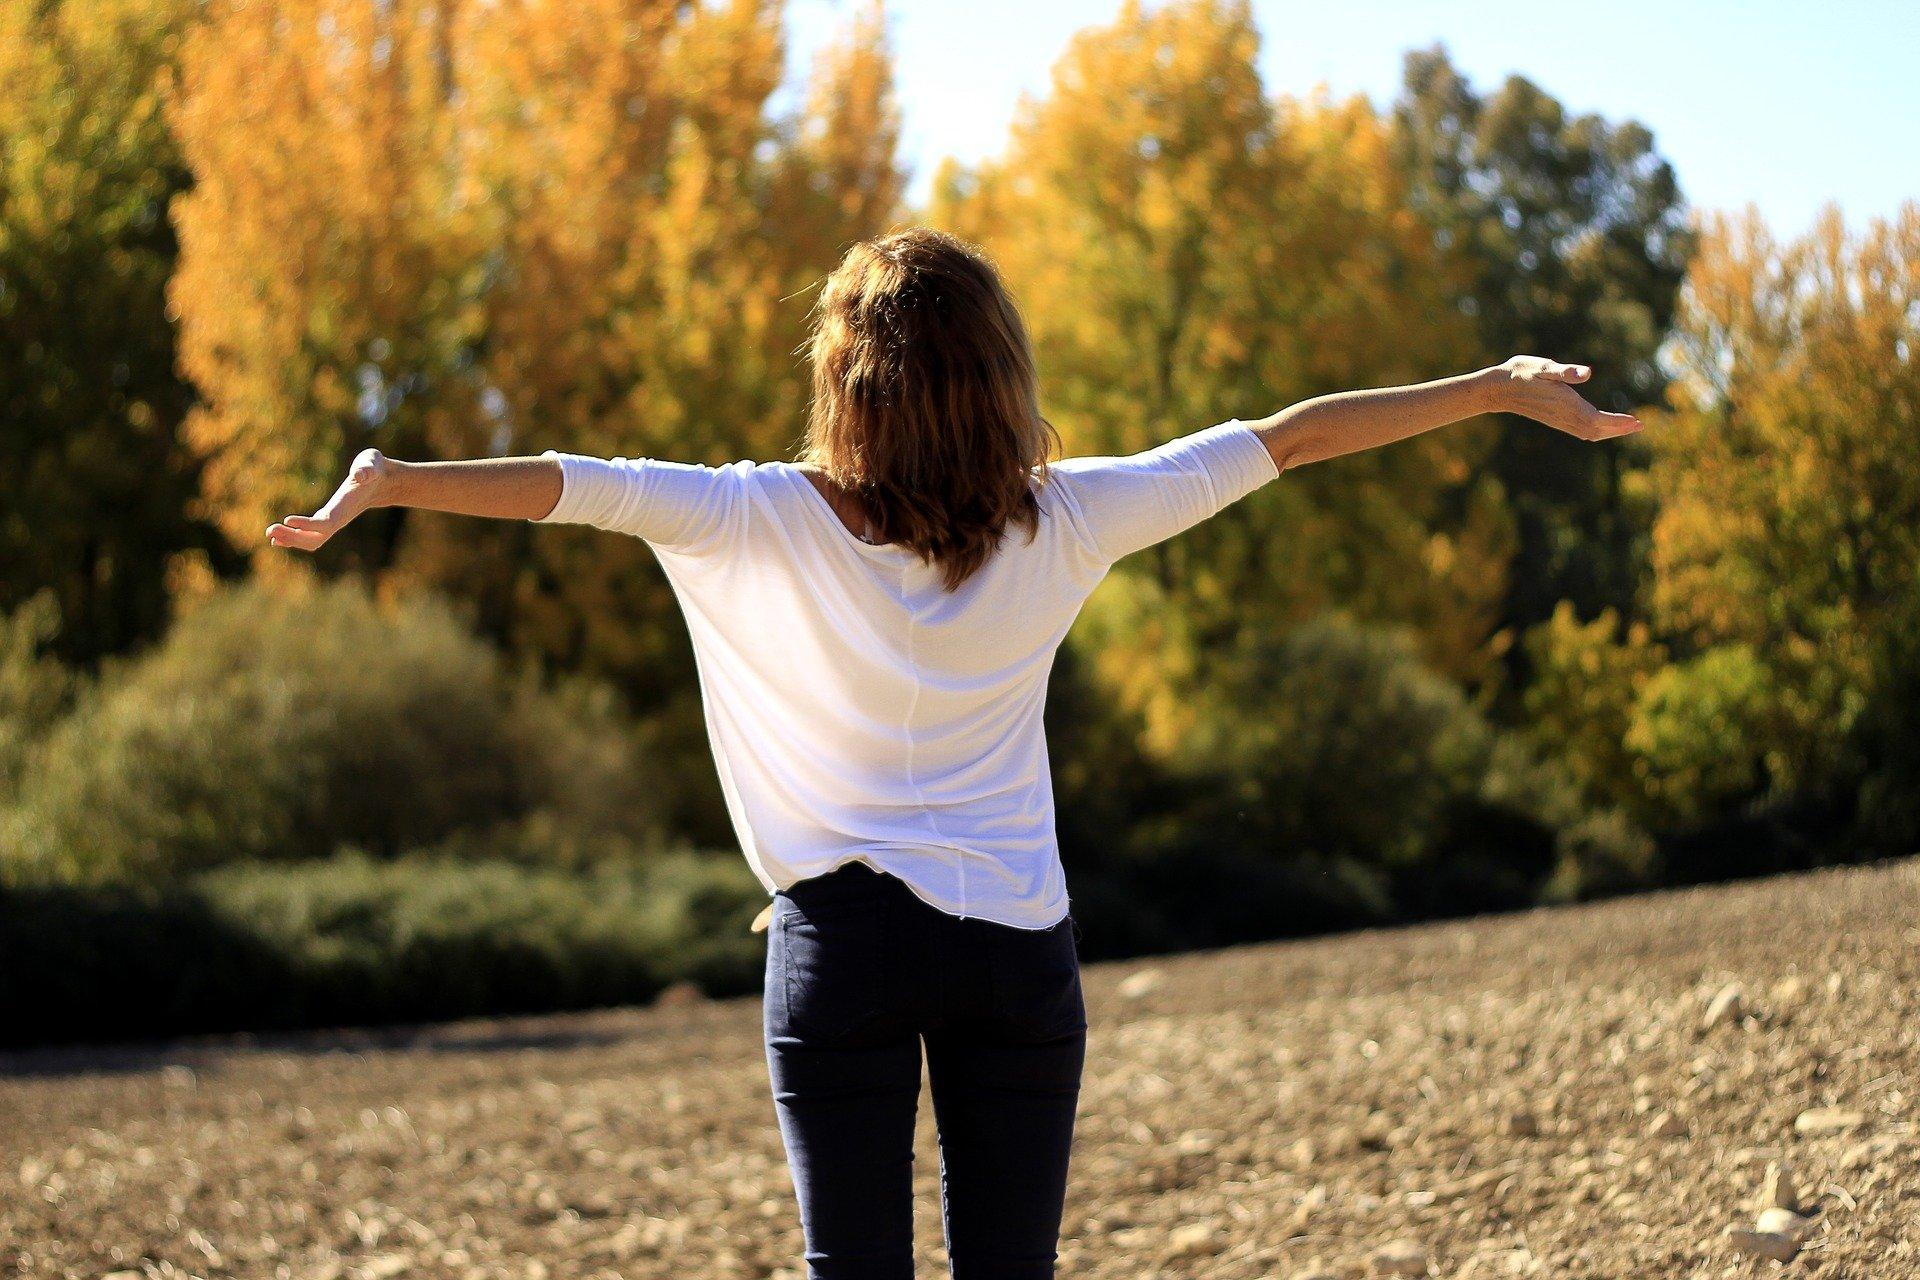 Comment_manifester_tout_ce_que_vous_voulez_vraiment_dans_votre_vie